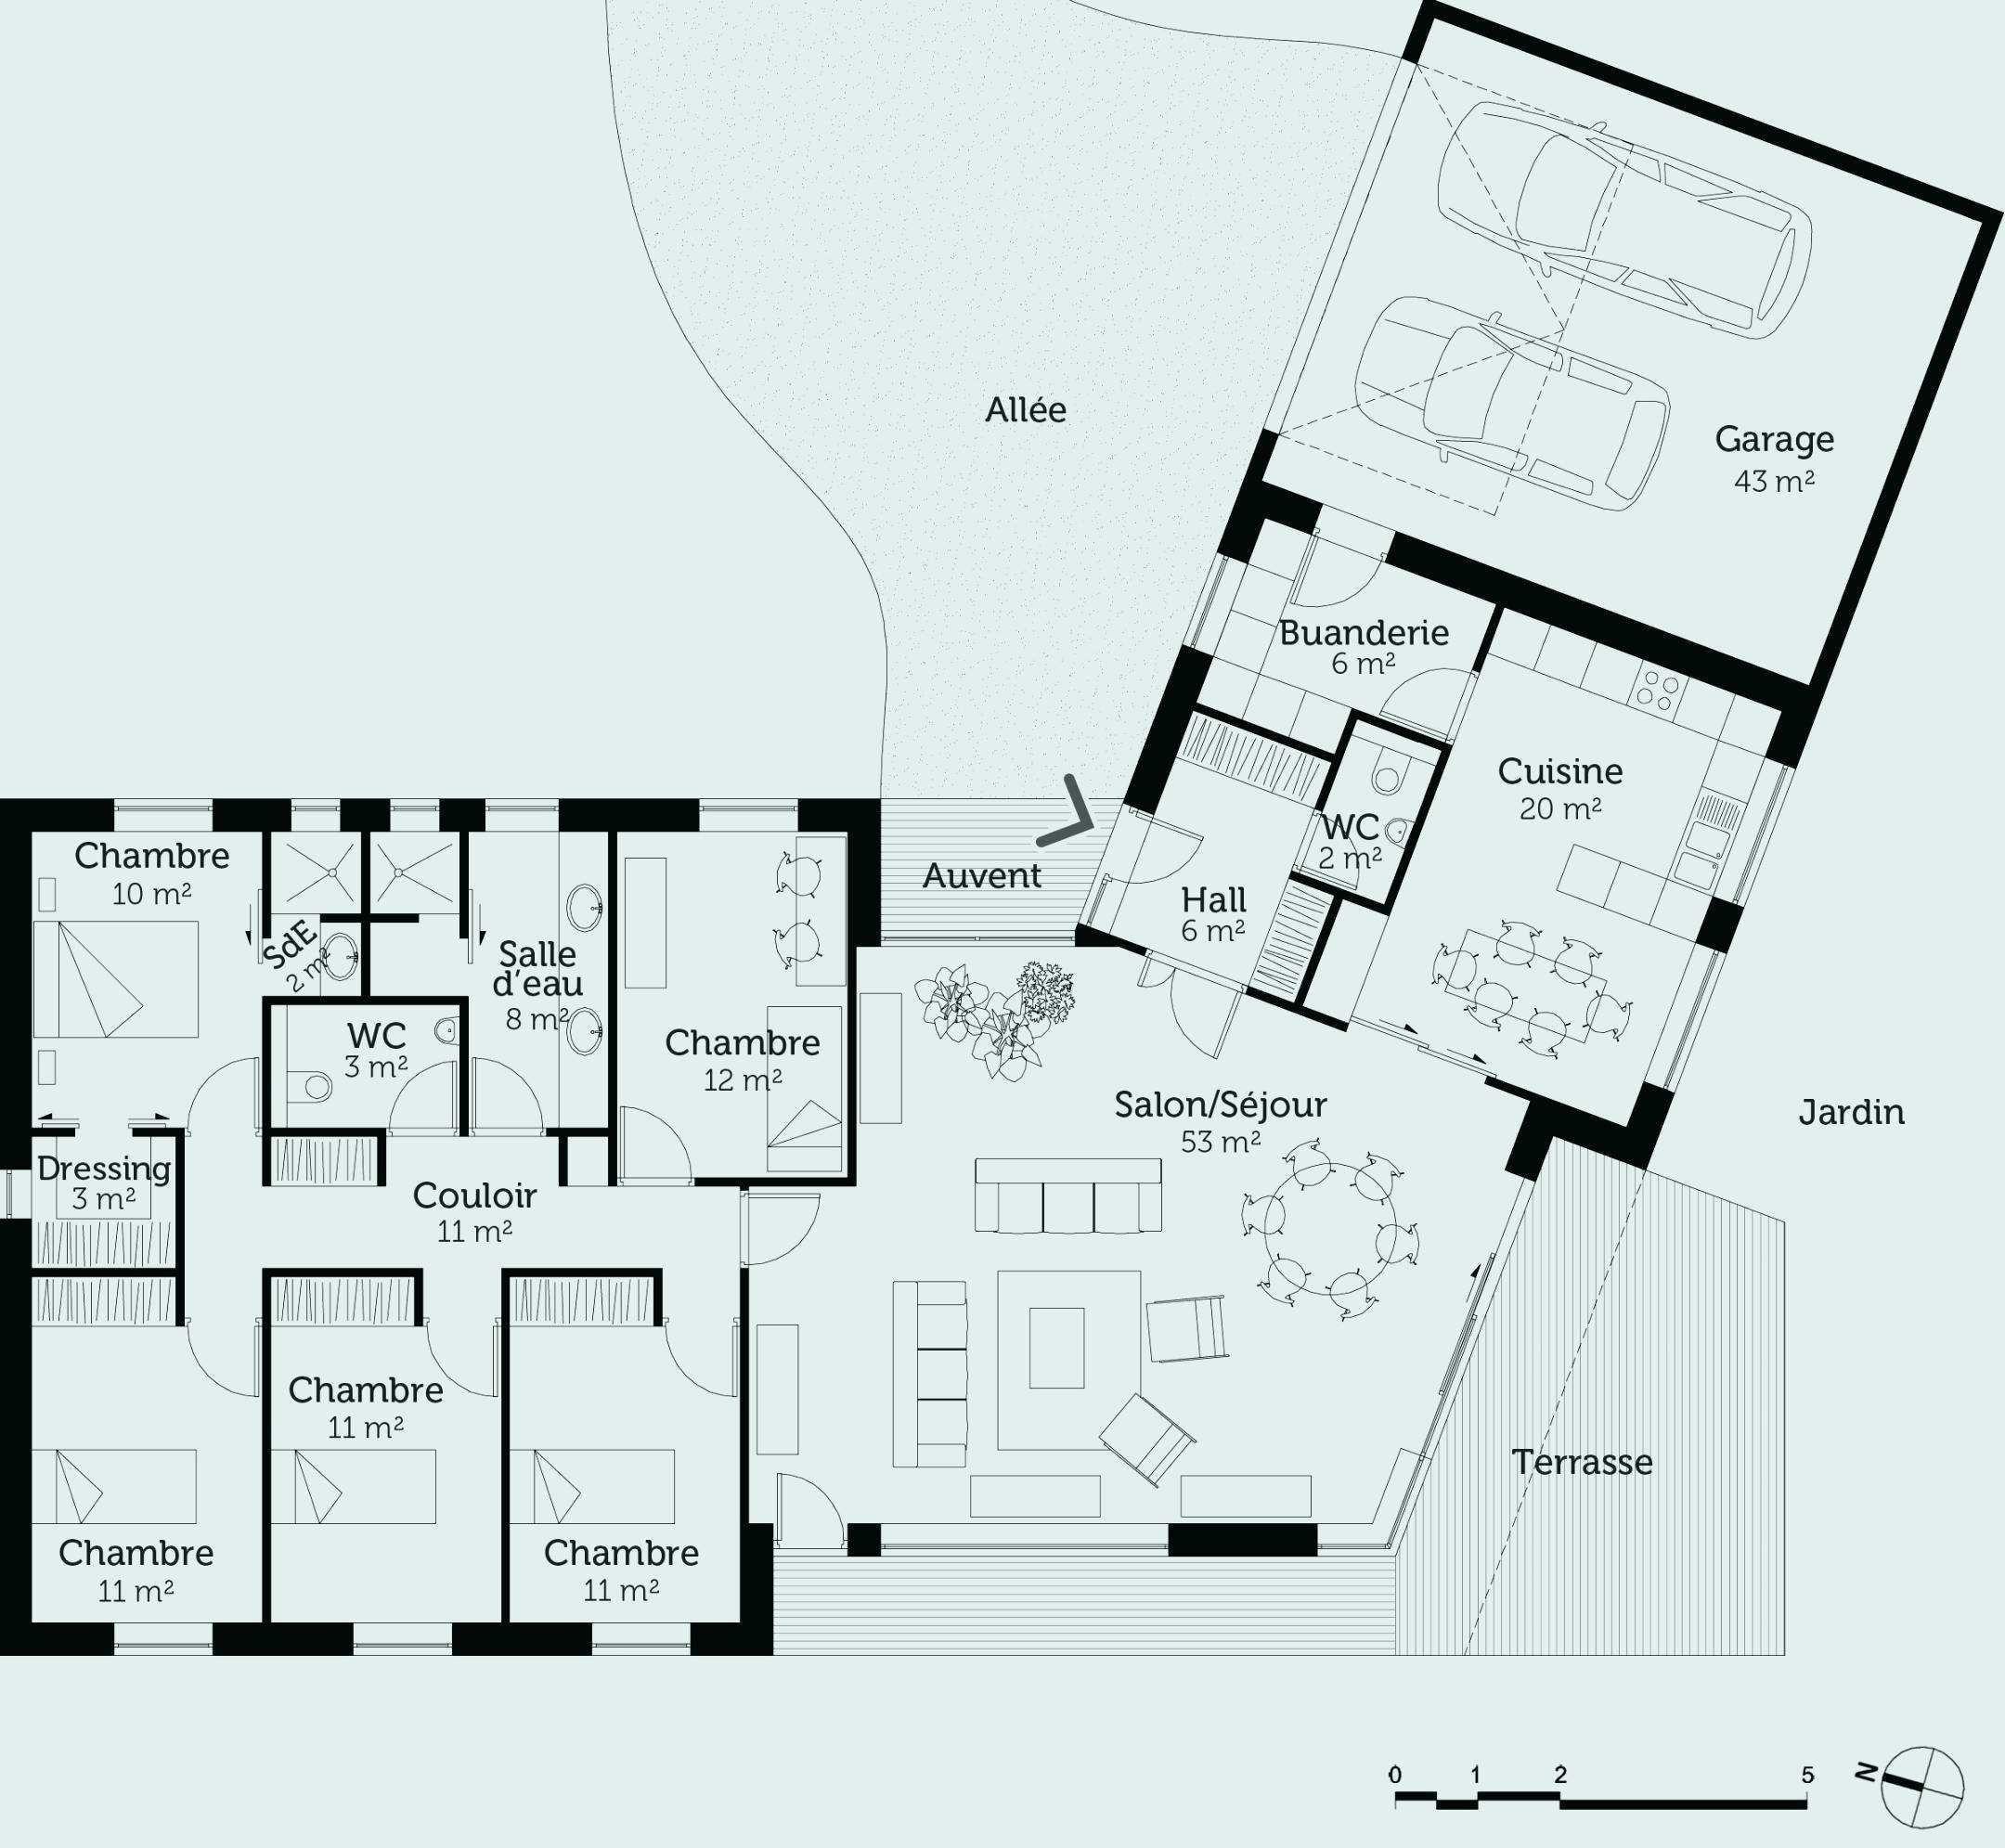 Dimension Maison Plain Pied Plan Maison 3 Chambres Plain Pied Maison Galerie Plan De Maison En V Maison En V Plan Maison Plain Pied